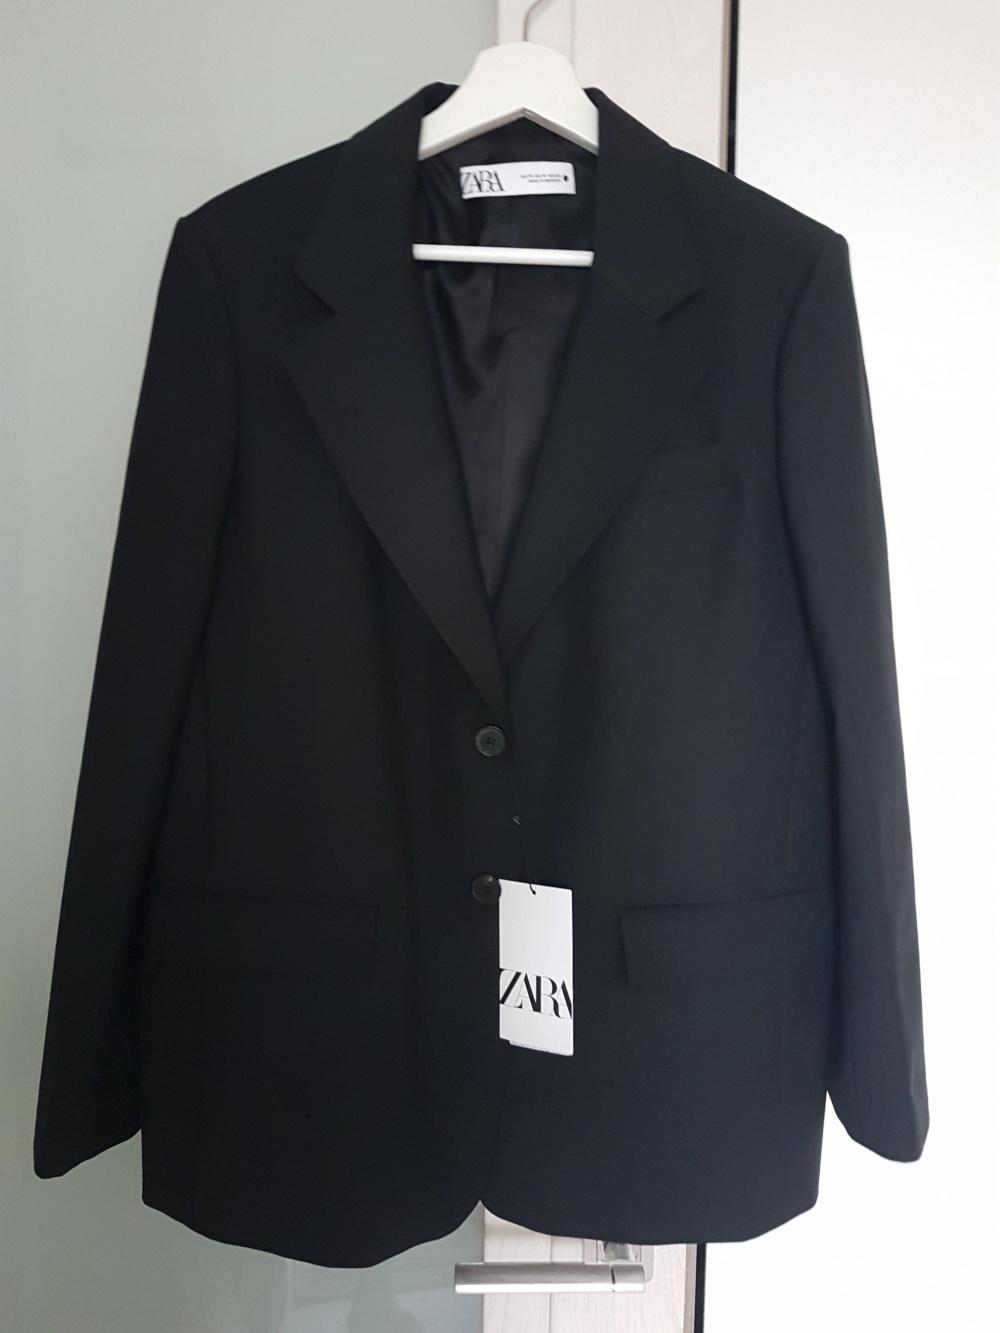 Шерстяной пиджак ZARA, размер M